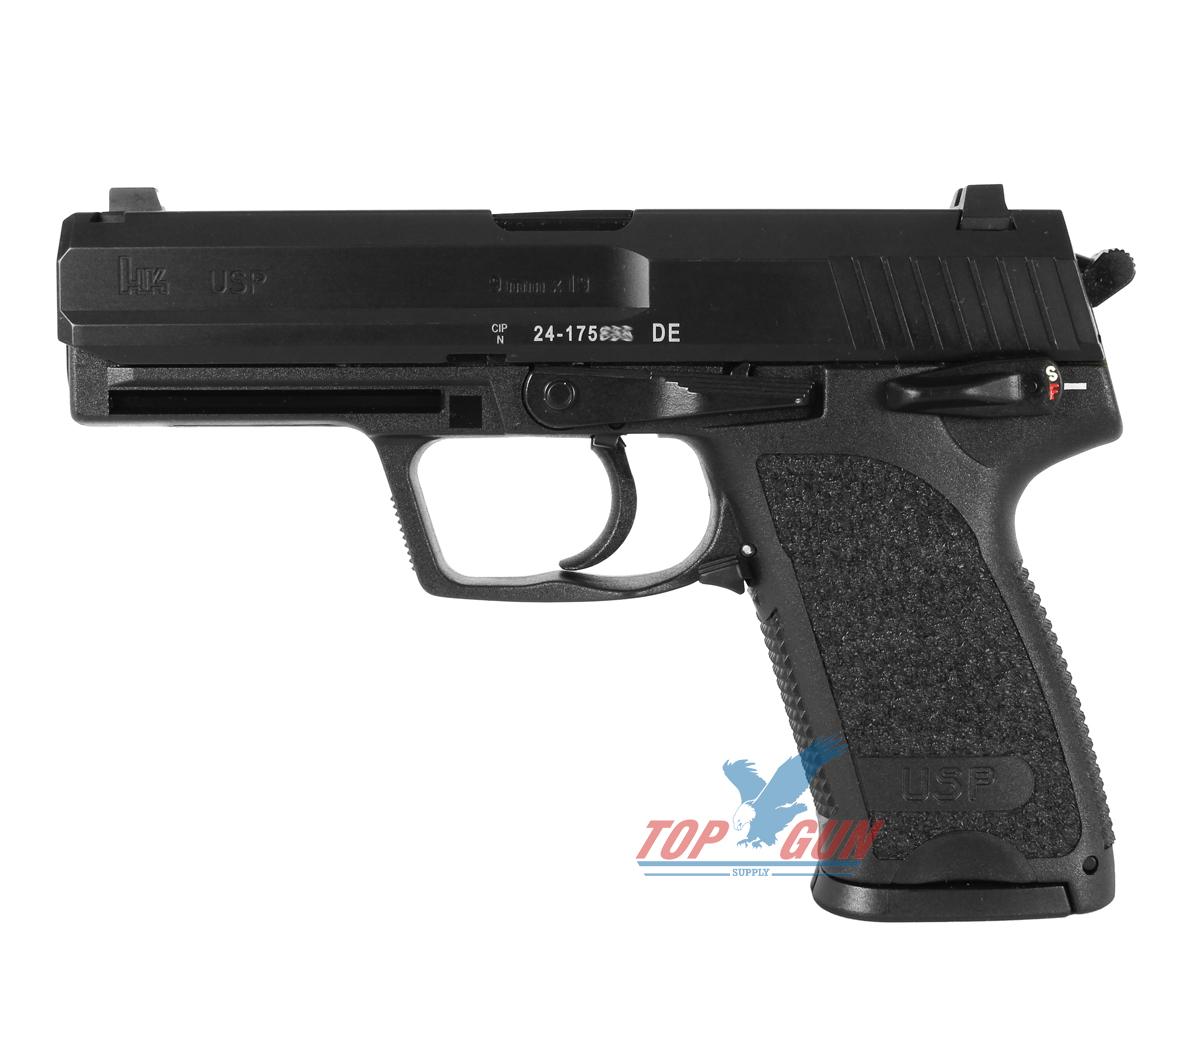 HK 81000310 USP 9mm Luger 4.25